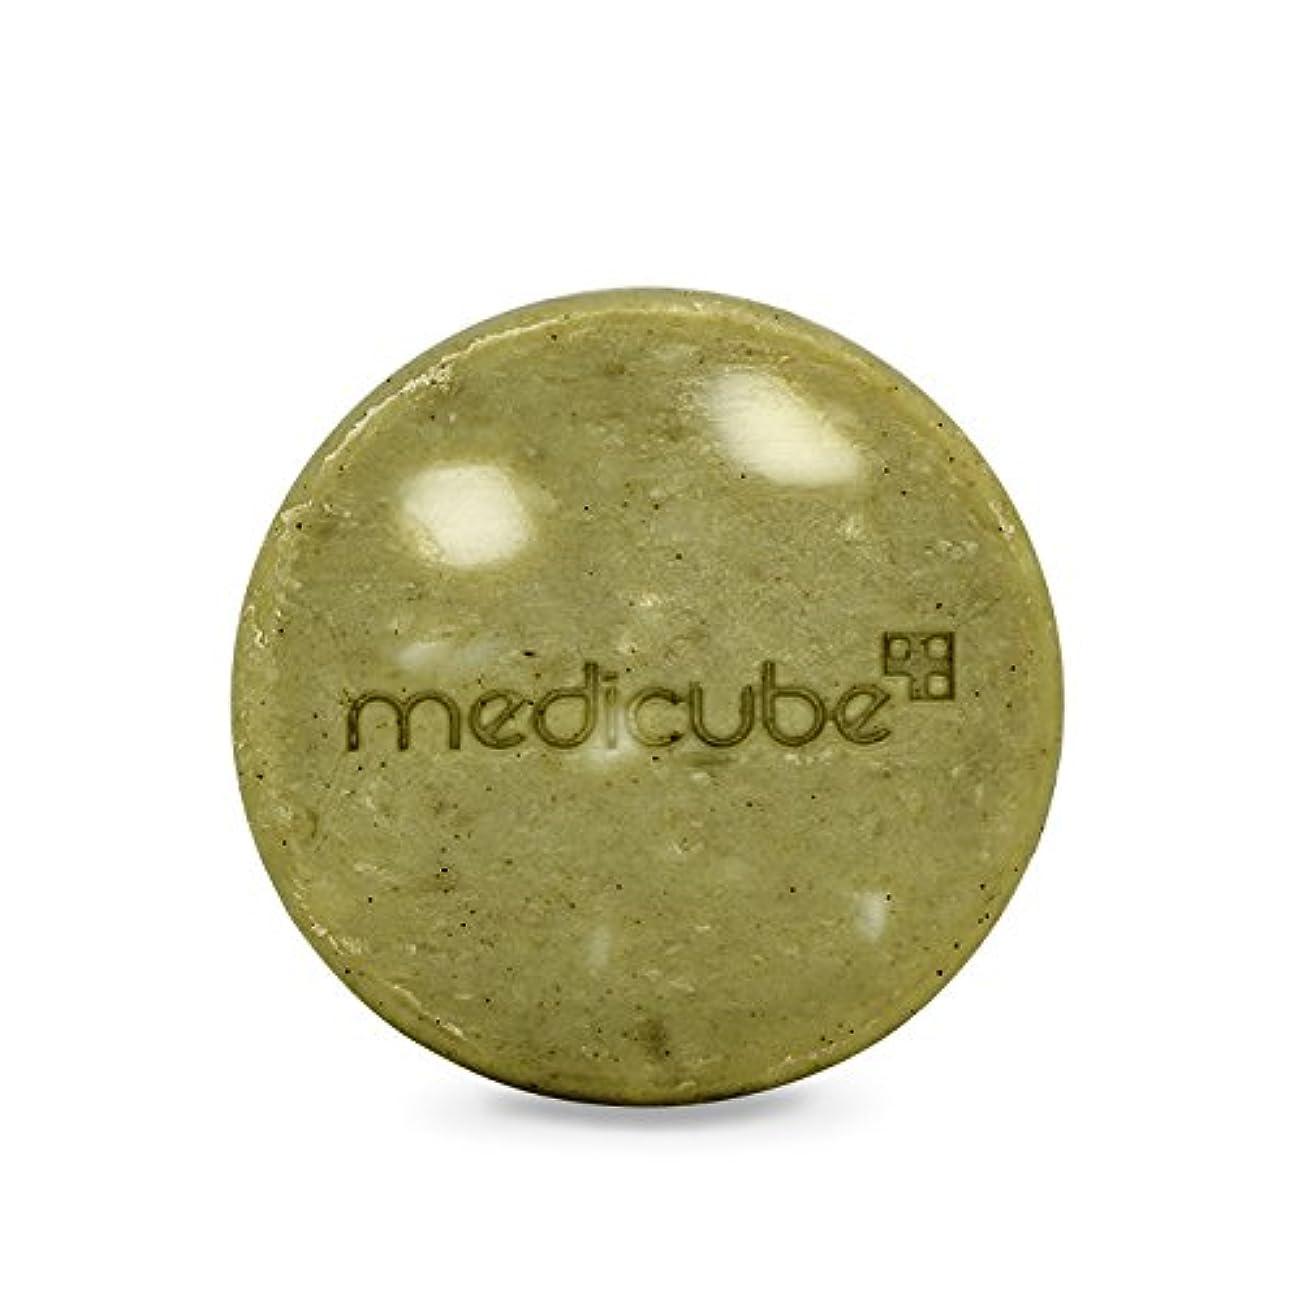 ファシズム創始者浪費[Medicube]Red Body Bar / メディキューブレッドボディバー / 正品?海外直送商品 [並行輸入品]